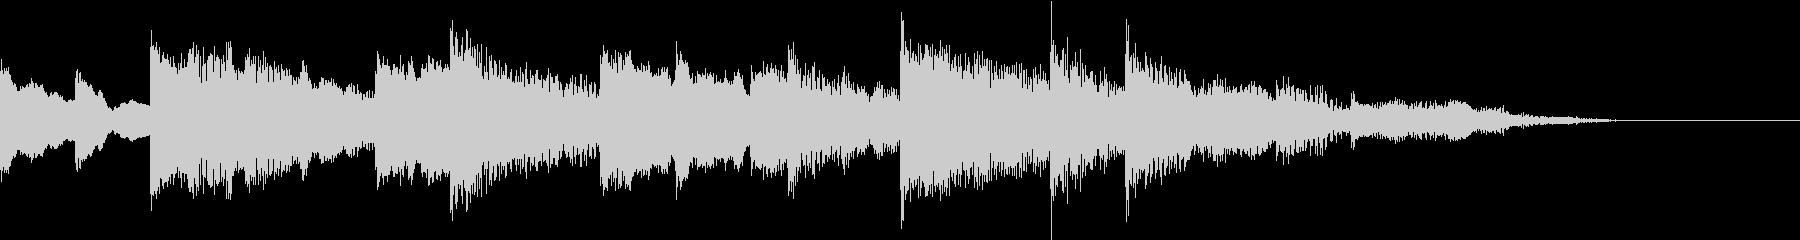 チャイム(8秒)の未再生の波形